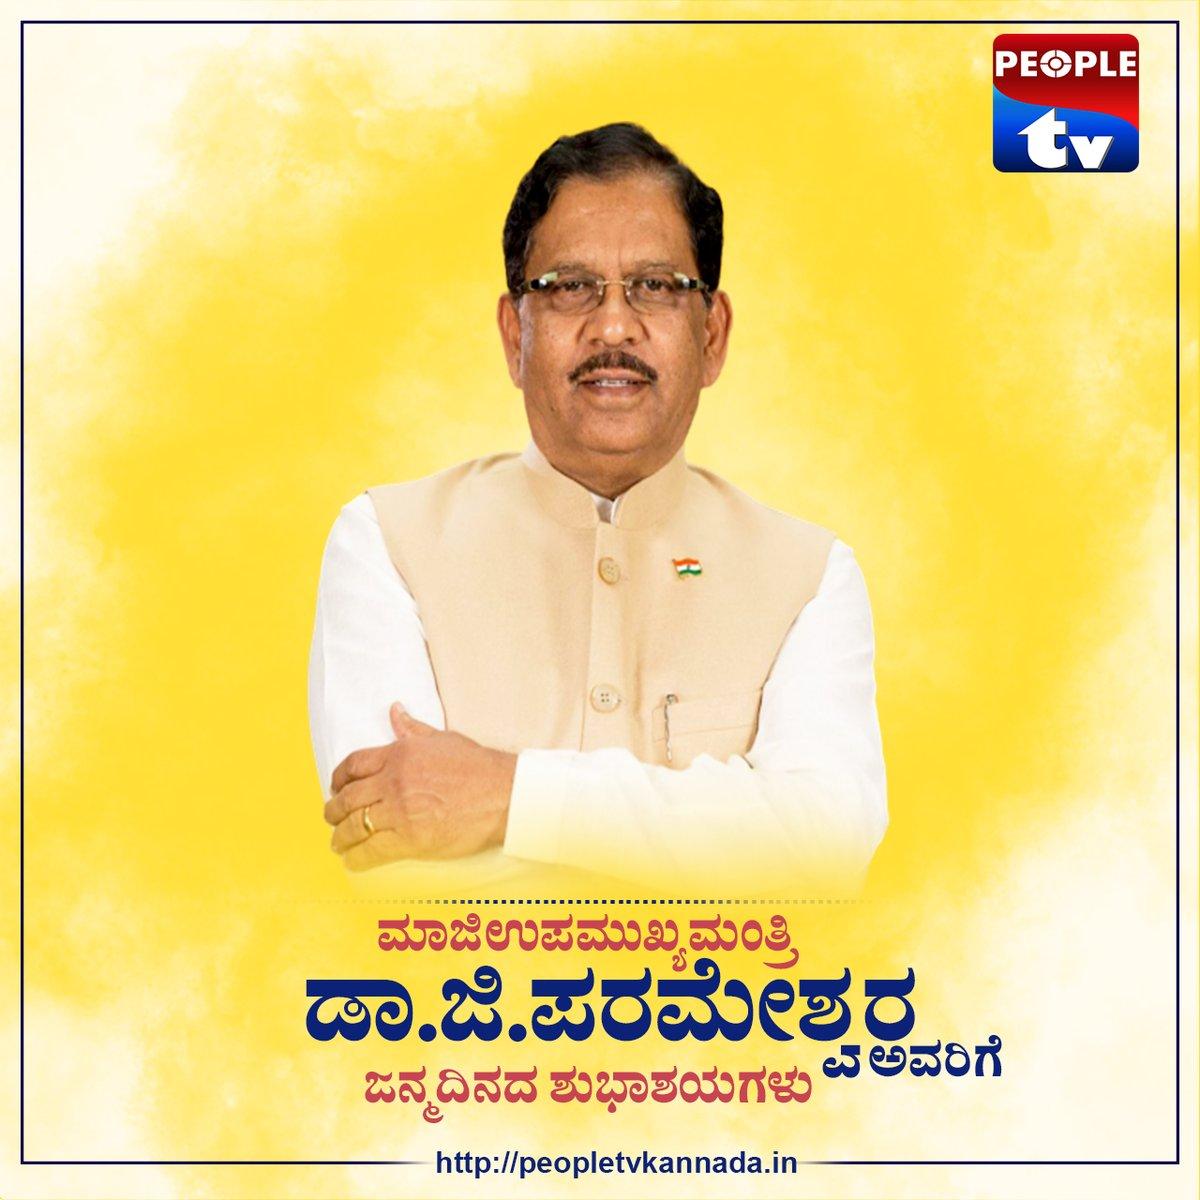 ಡಾ.ಜಿ.ಪರಮೇಶ್ವರ ರವರಿಗೆ ಜನ್ಮದಿನದ ಸಂಭ್ರಮ  #ಜಿಪರಮೇಶ್ವರ #drgparameshwar #PeopletvKannada #peopletvLive #peopletv #KannadaNewsChannel #LatestNews #LatestKannadaNews #Kannada #News #Karnatakapic.twitter.com/EOtxmyuMNw